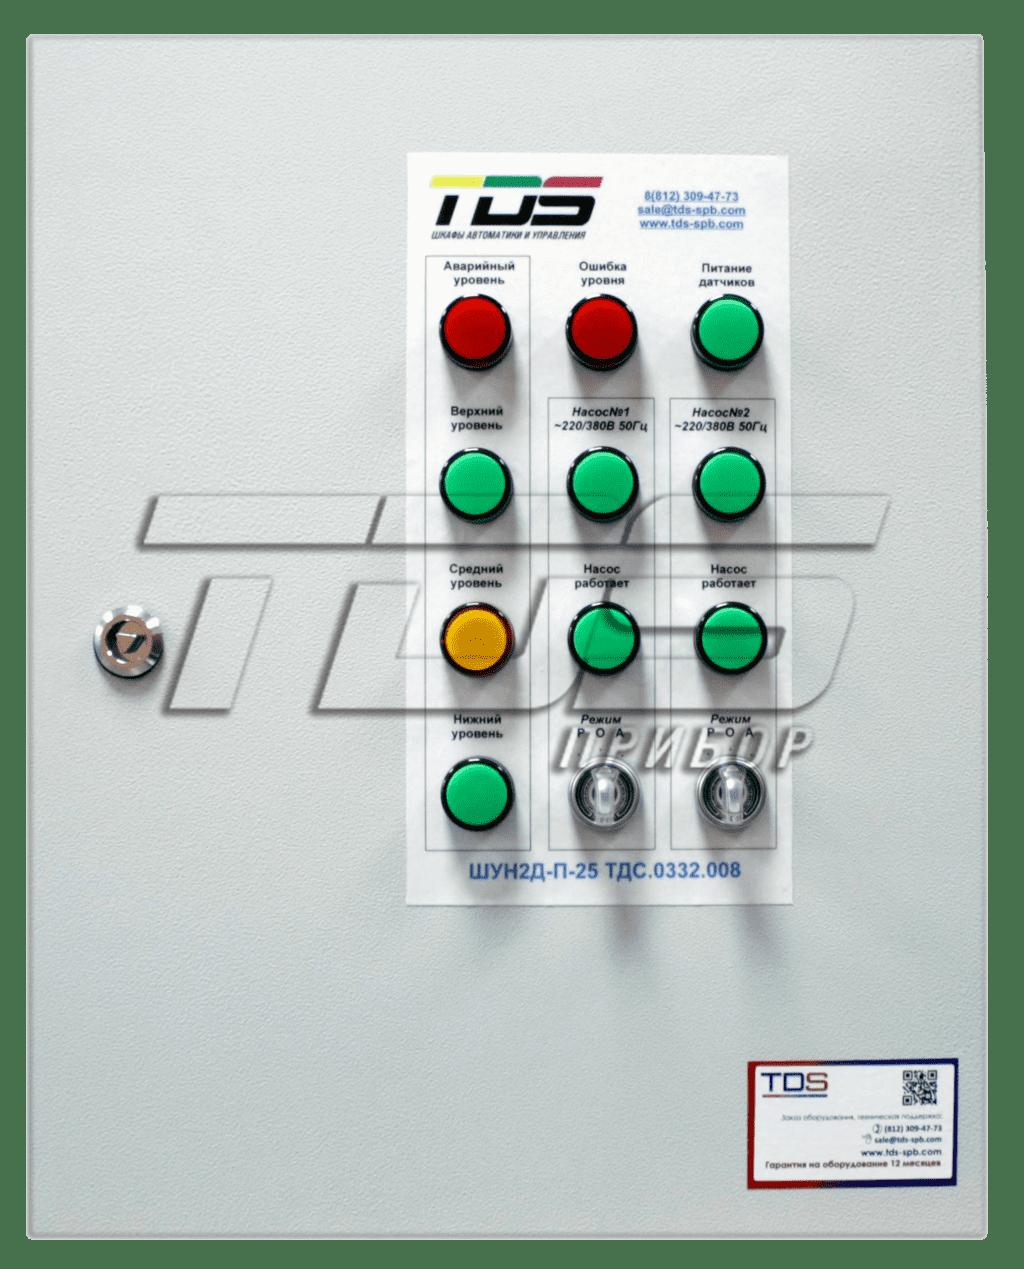 Шкаф управления дренажным насосом с плавным пуском ШУН2Д-П-16 (IP54)